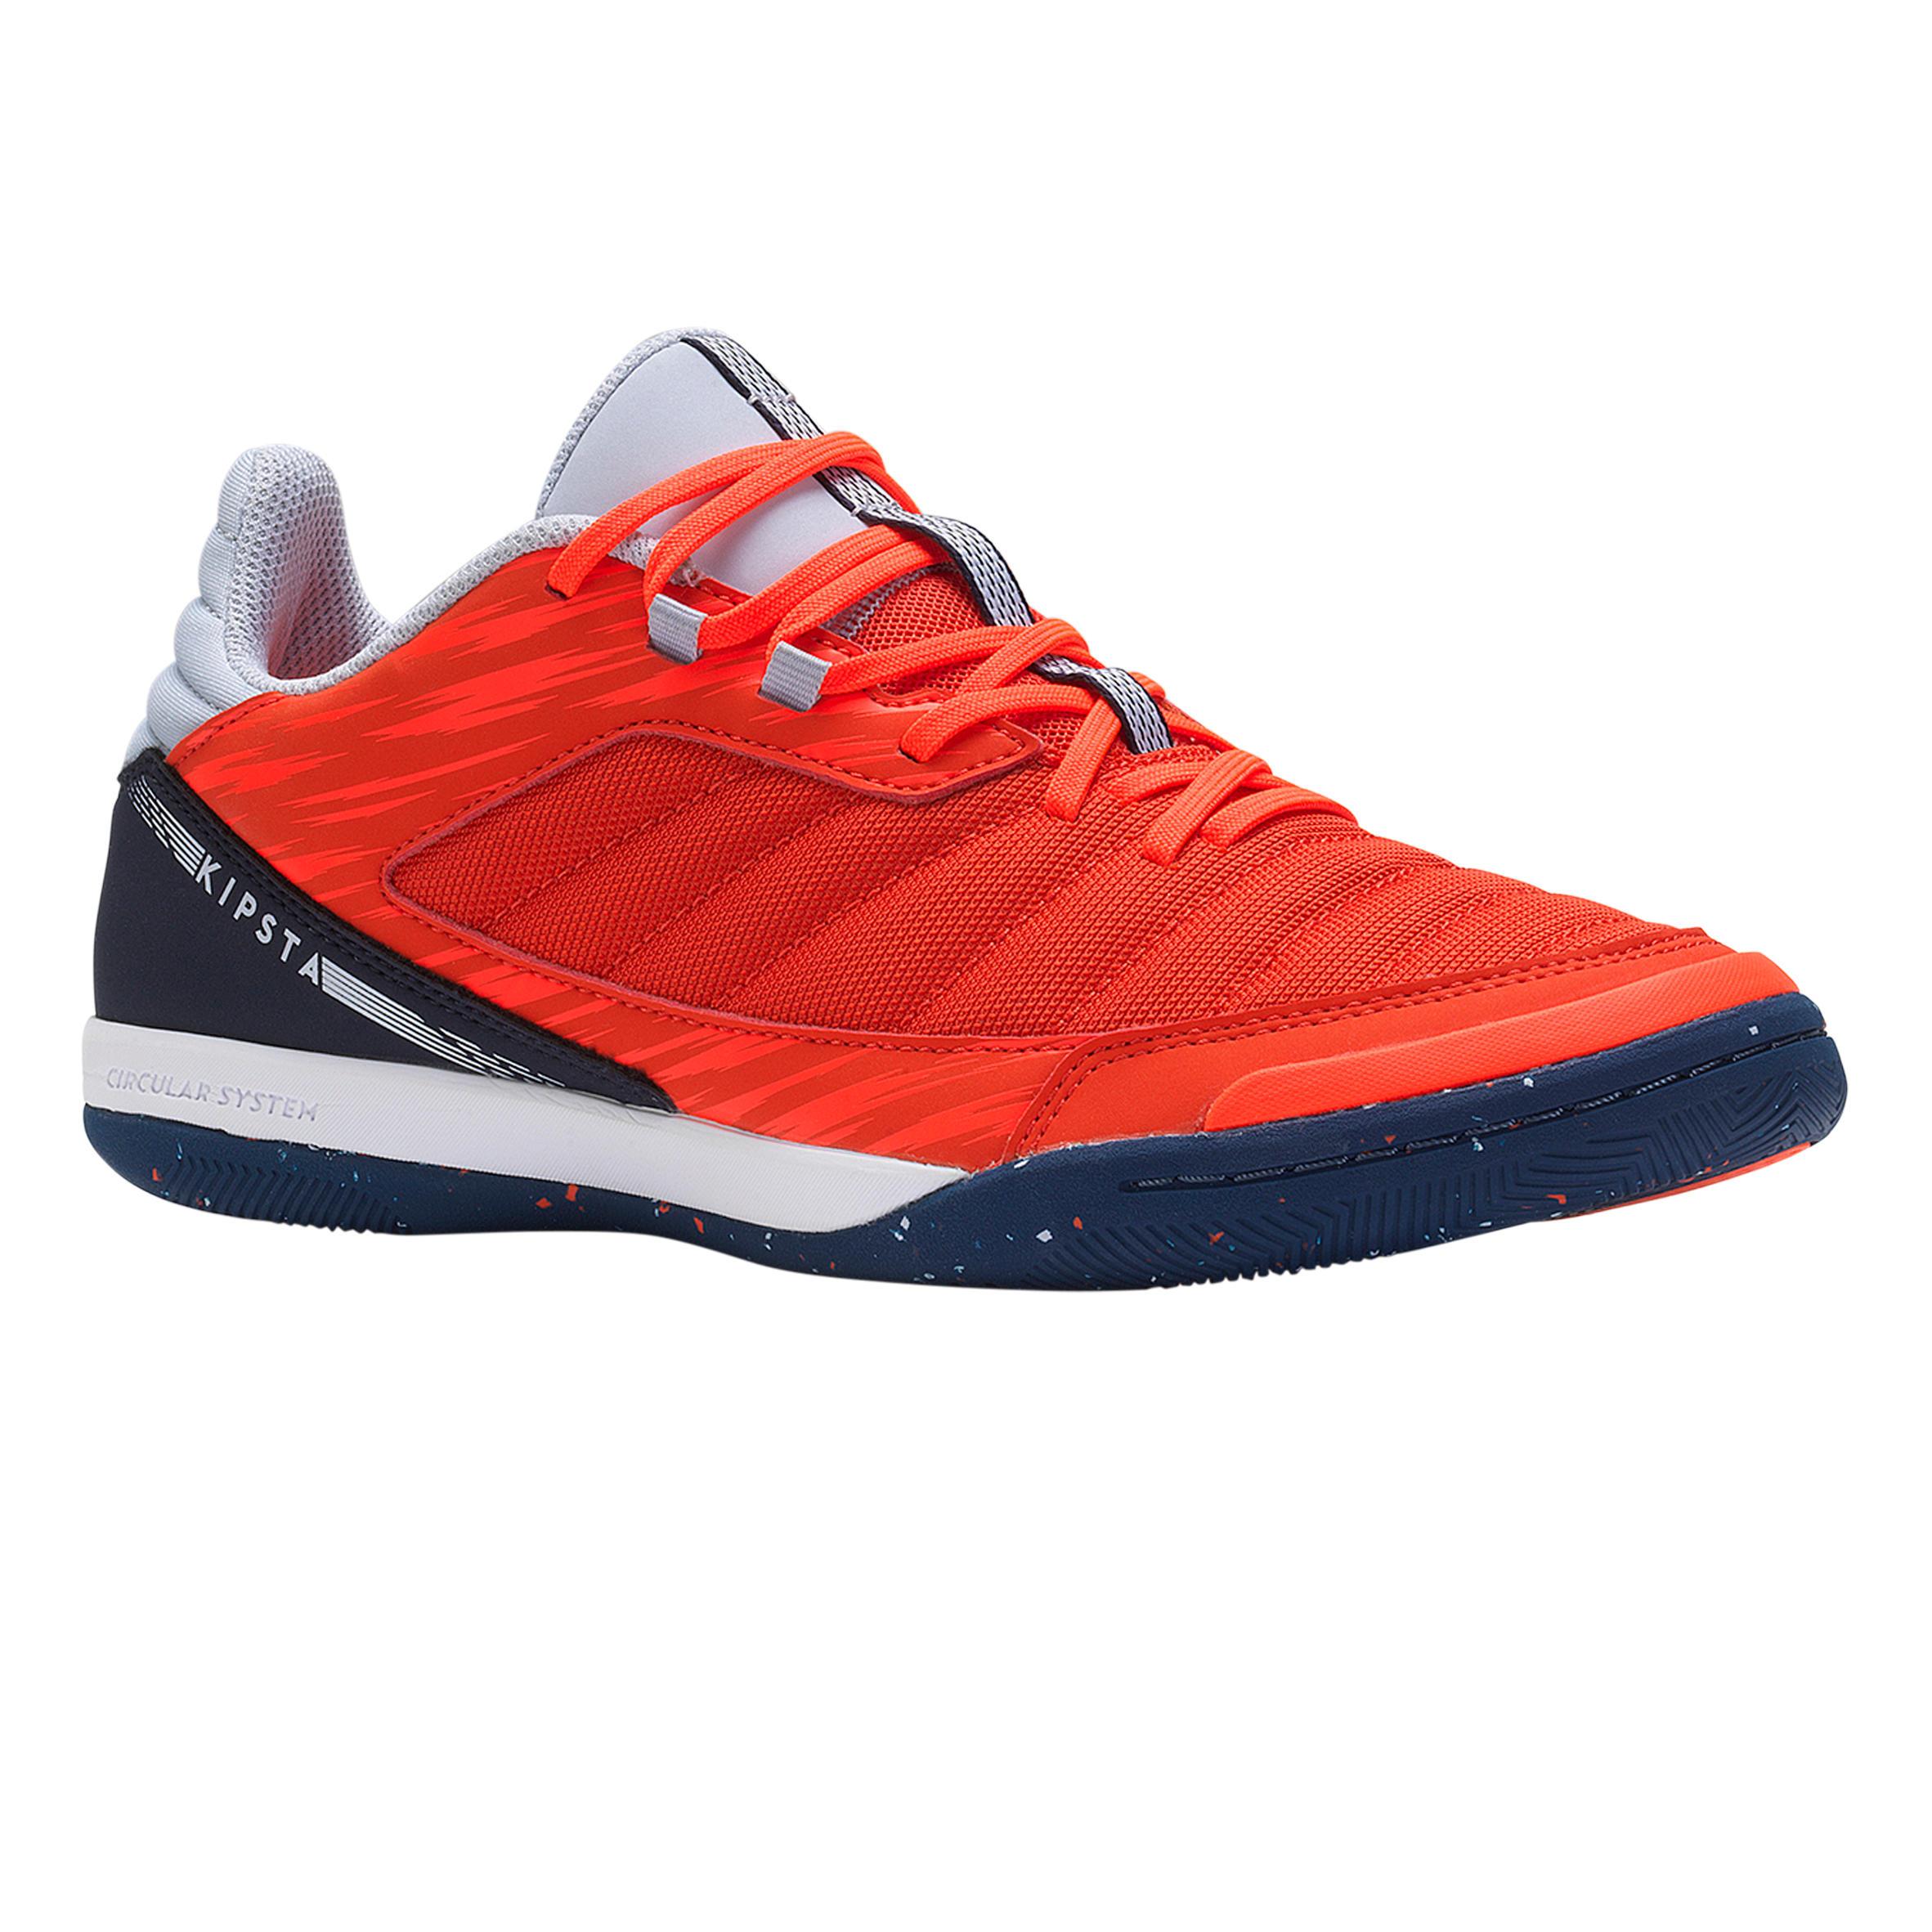 Hallenschuhe Eskudo 500 Erwachsene orange | Schuhe > Sportschuhe | Imviso